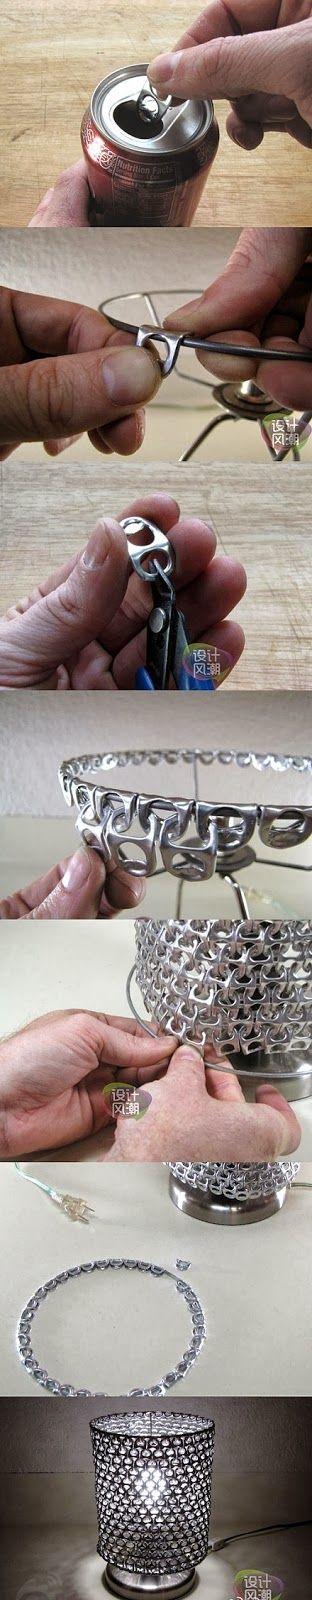 Diy Pop Ring Lampshade